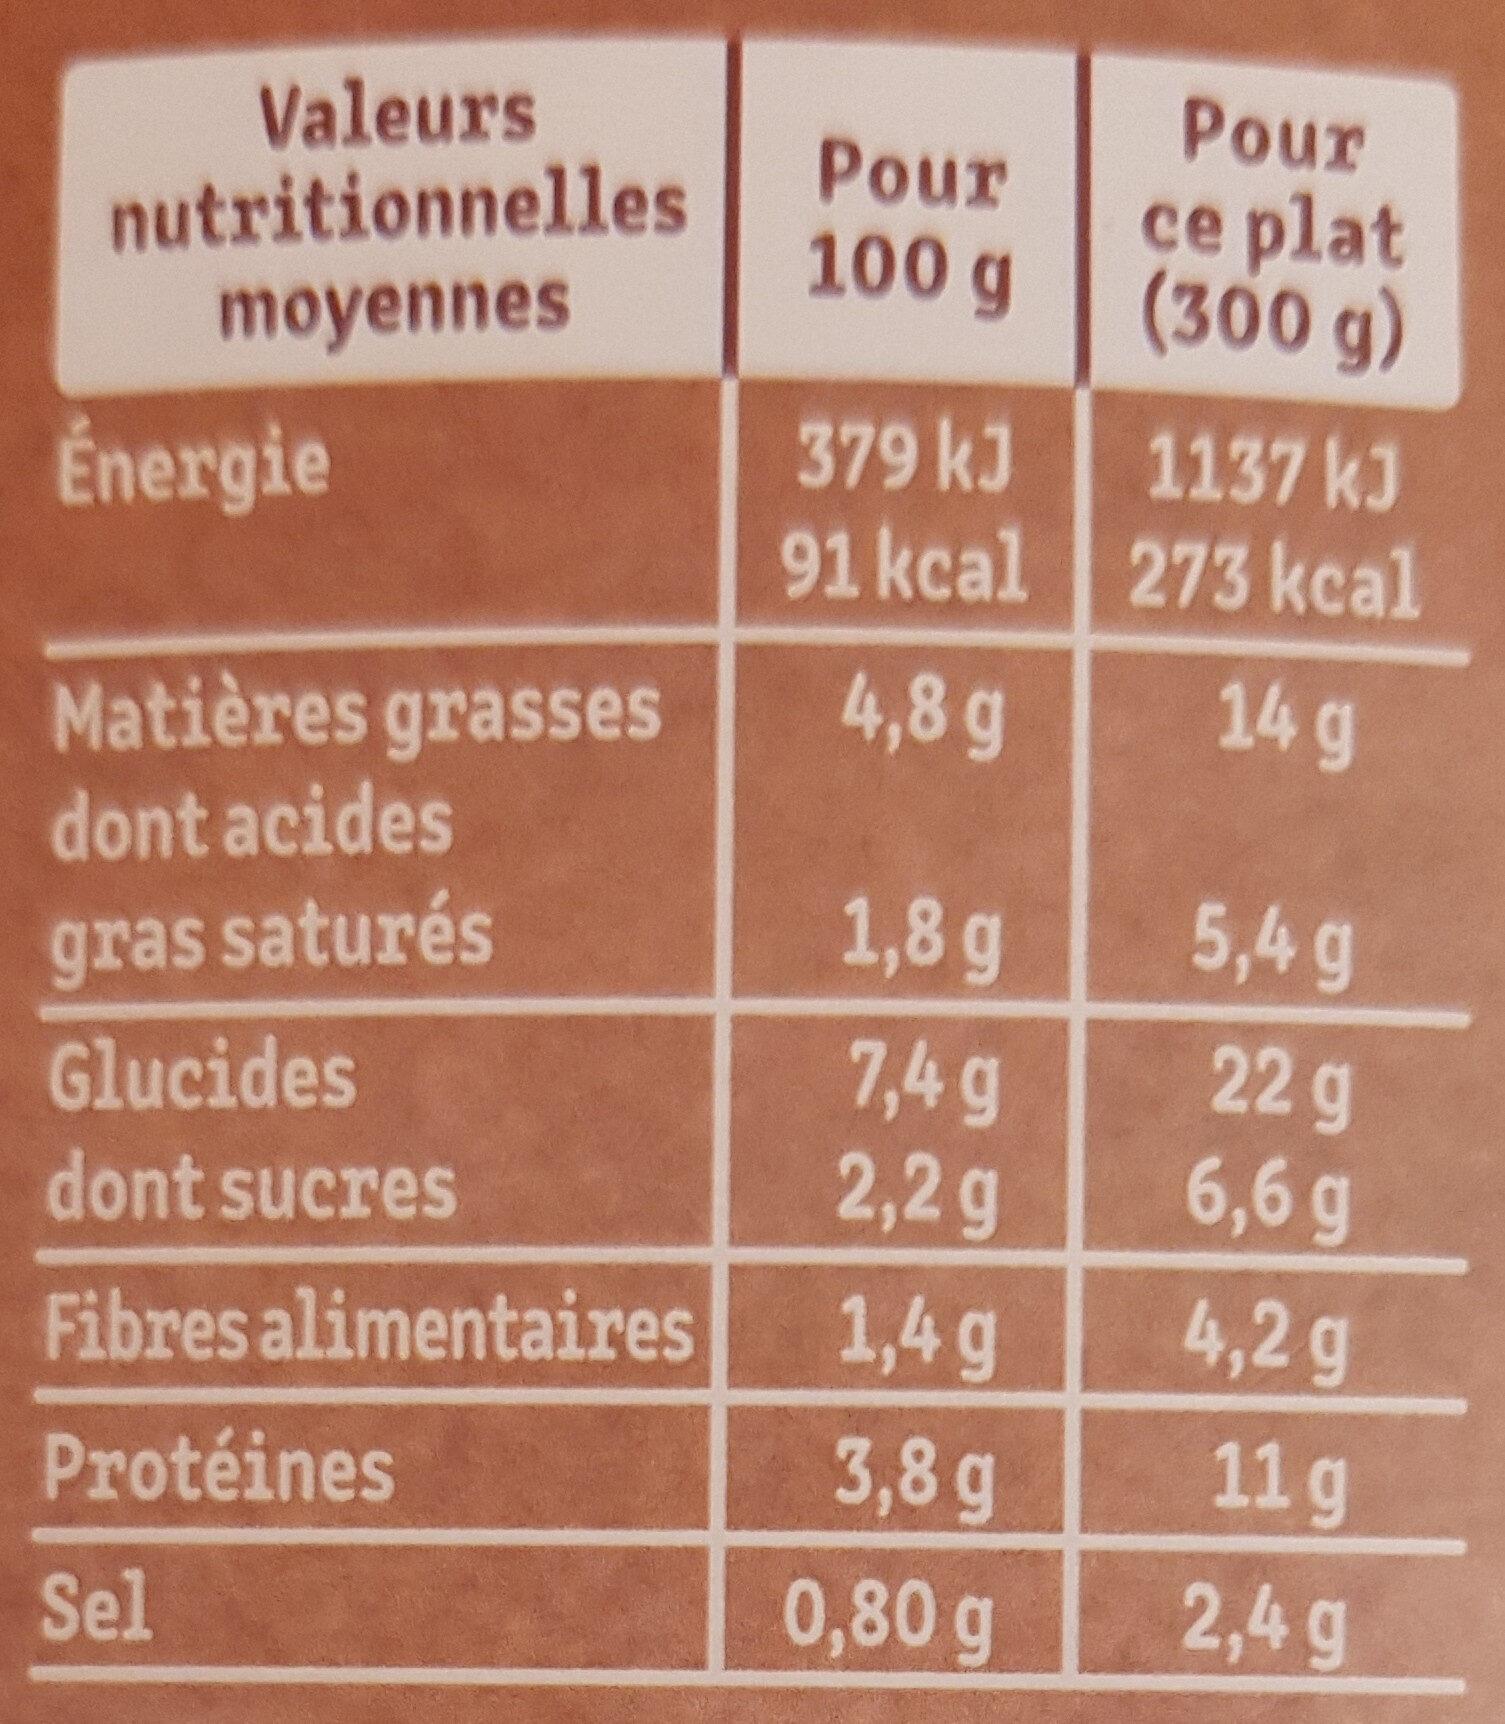 Le Gratin à la provençale pecorino & herbes de provence - Informations nutritionnelles - fr